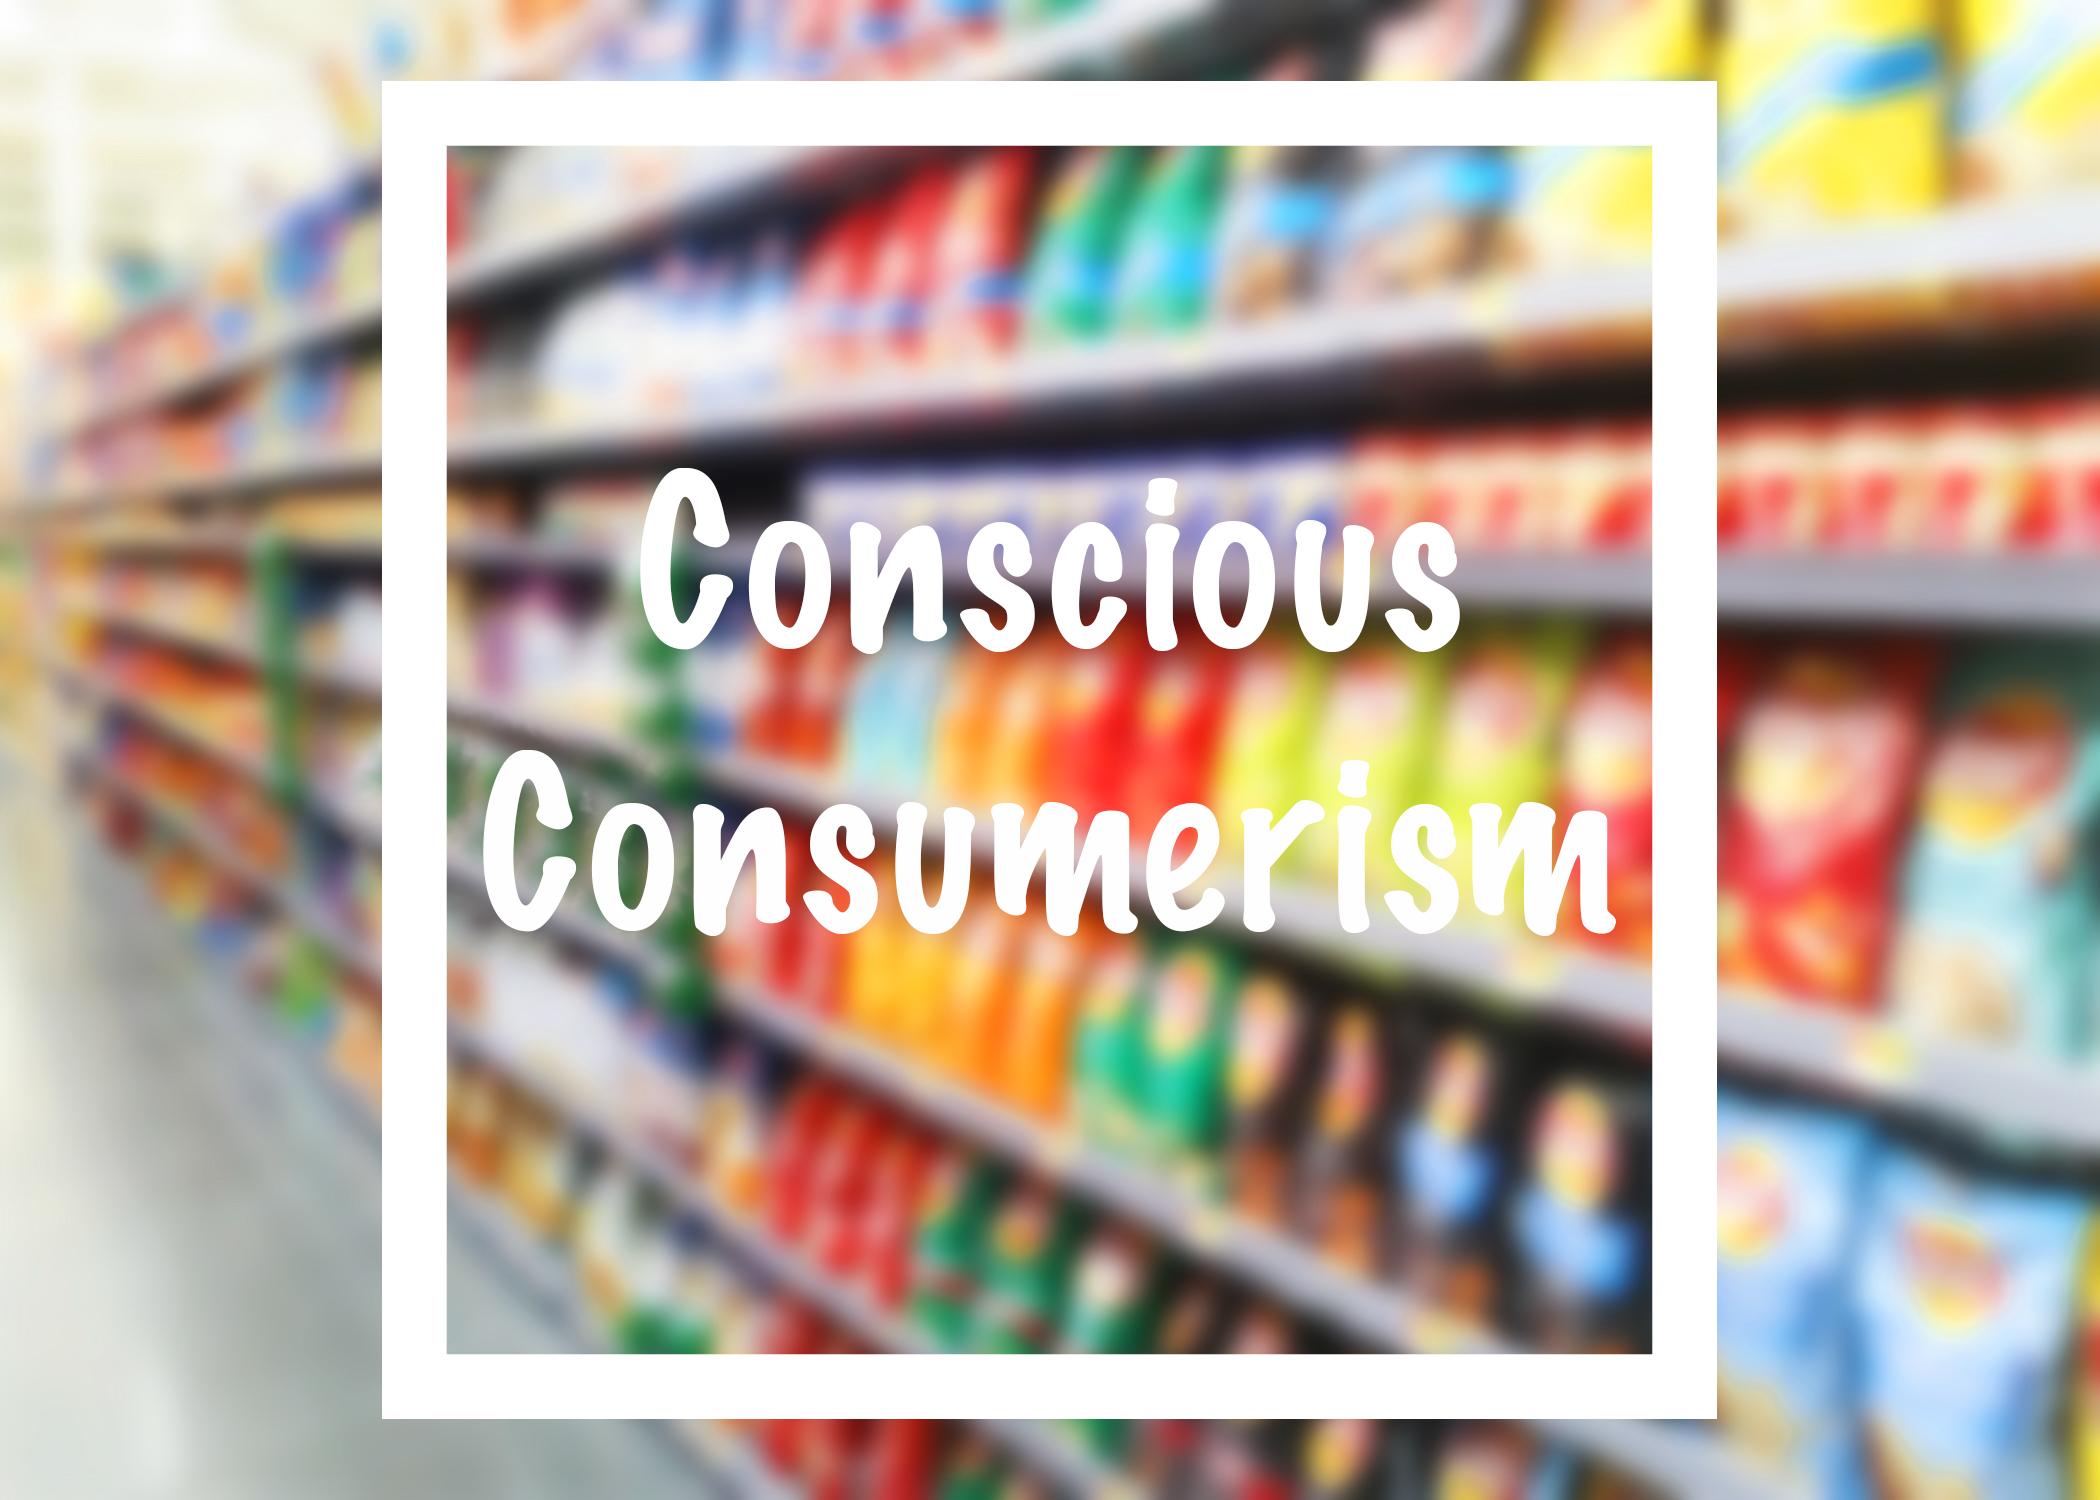 conscious consumerism